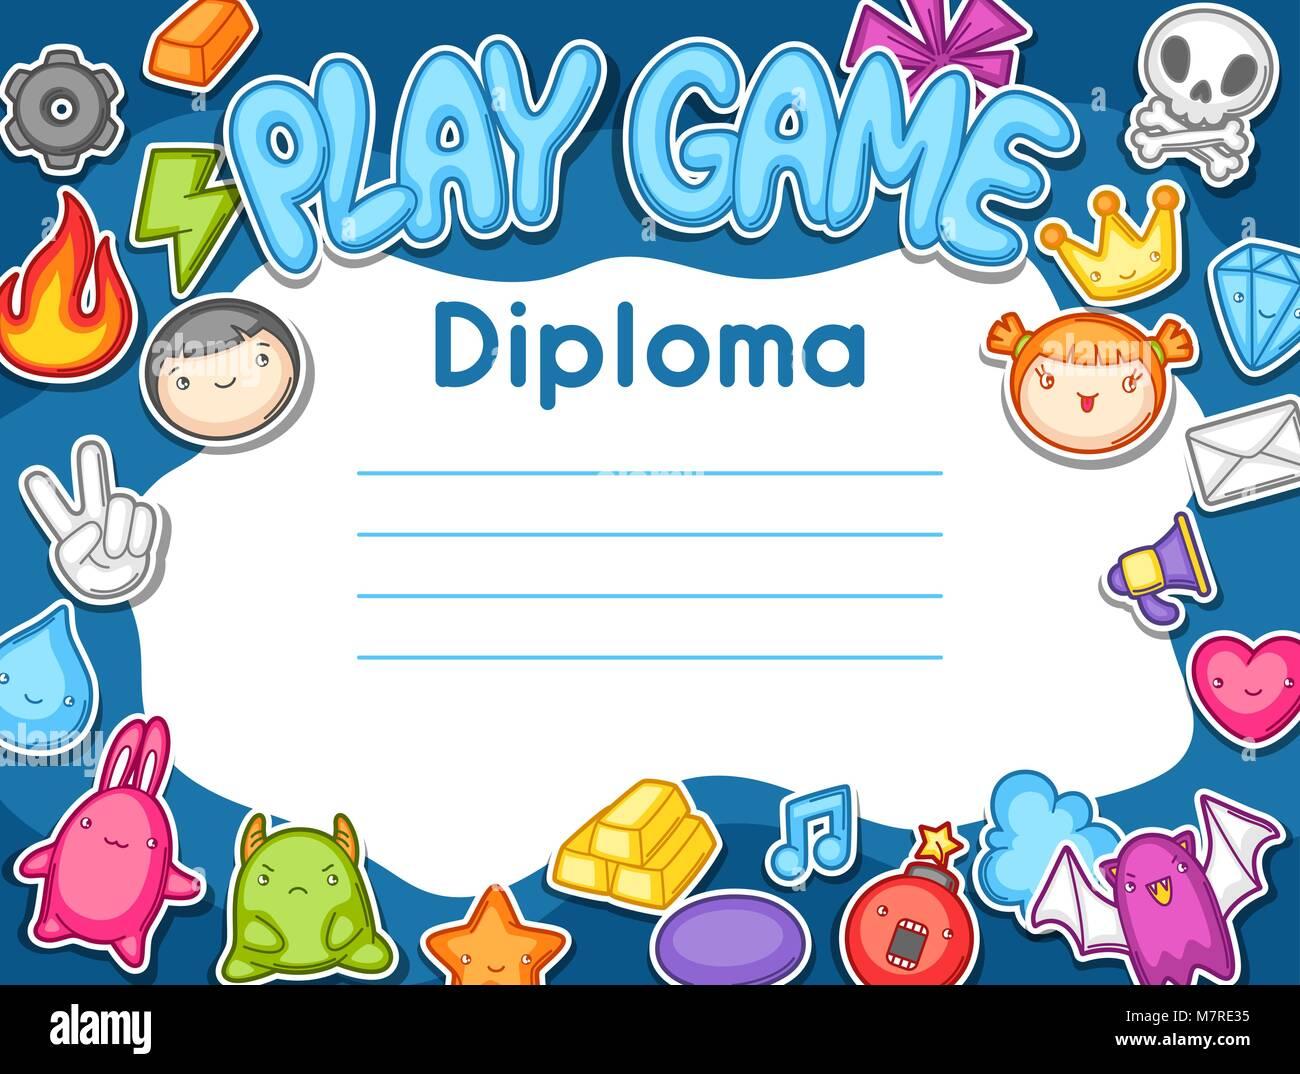 Juego Kawaii Diploma Elementos De Diseno De Juegos Cute Objetos Y